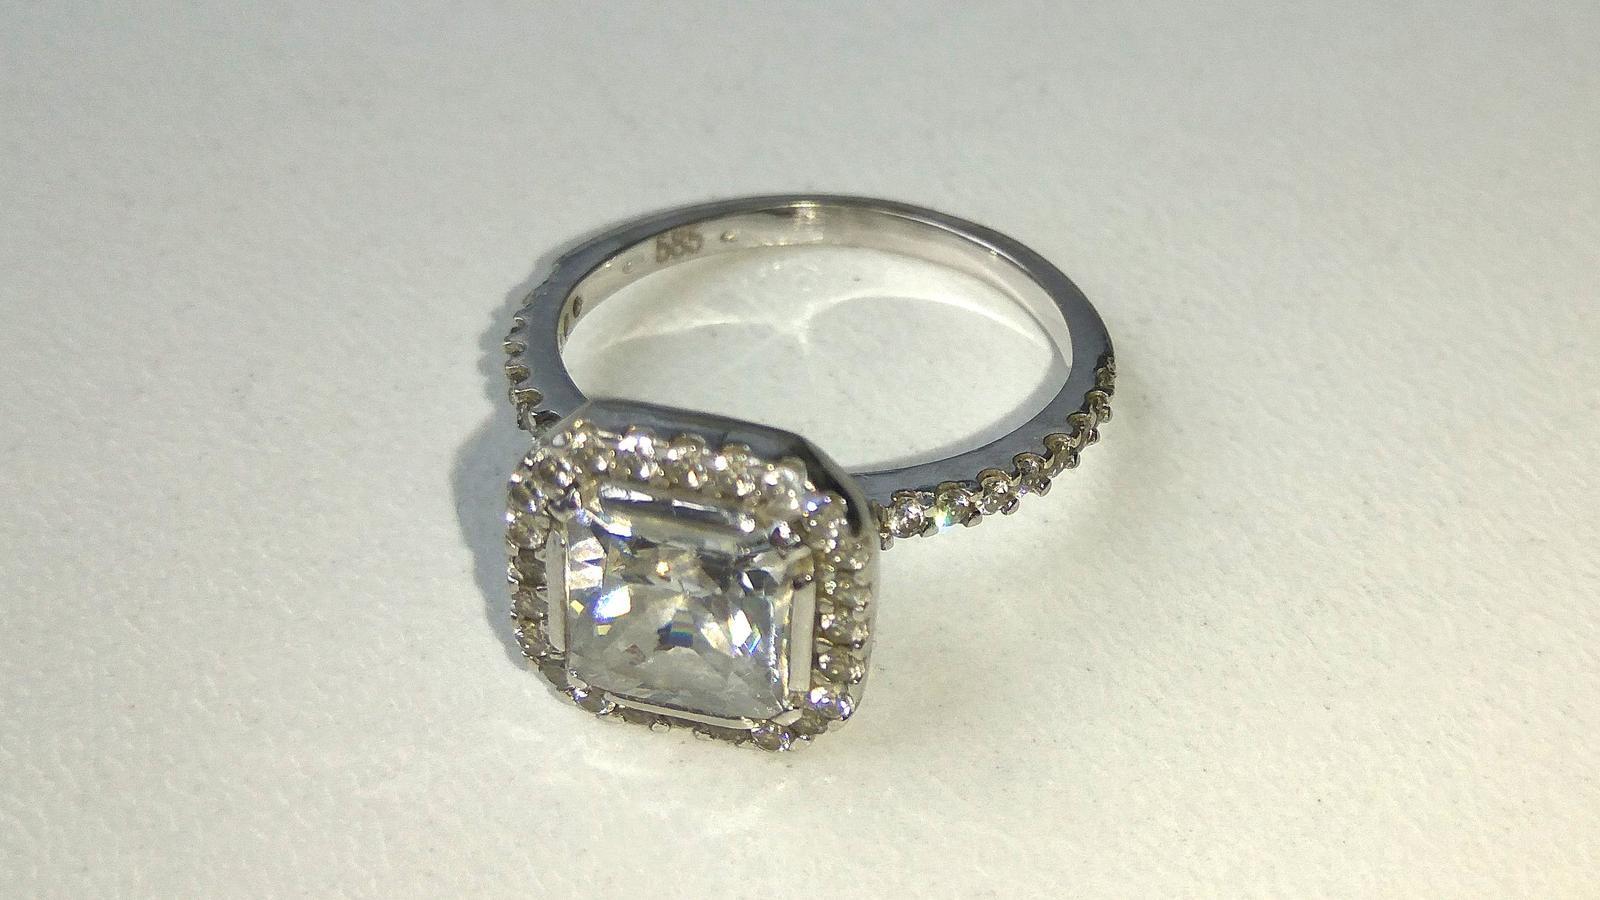 Zasnubni Prsten Z Bileho Zlata Se Zirkonem 3 000 Kc Svatebni